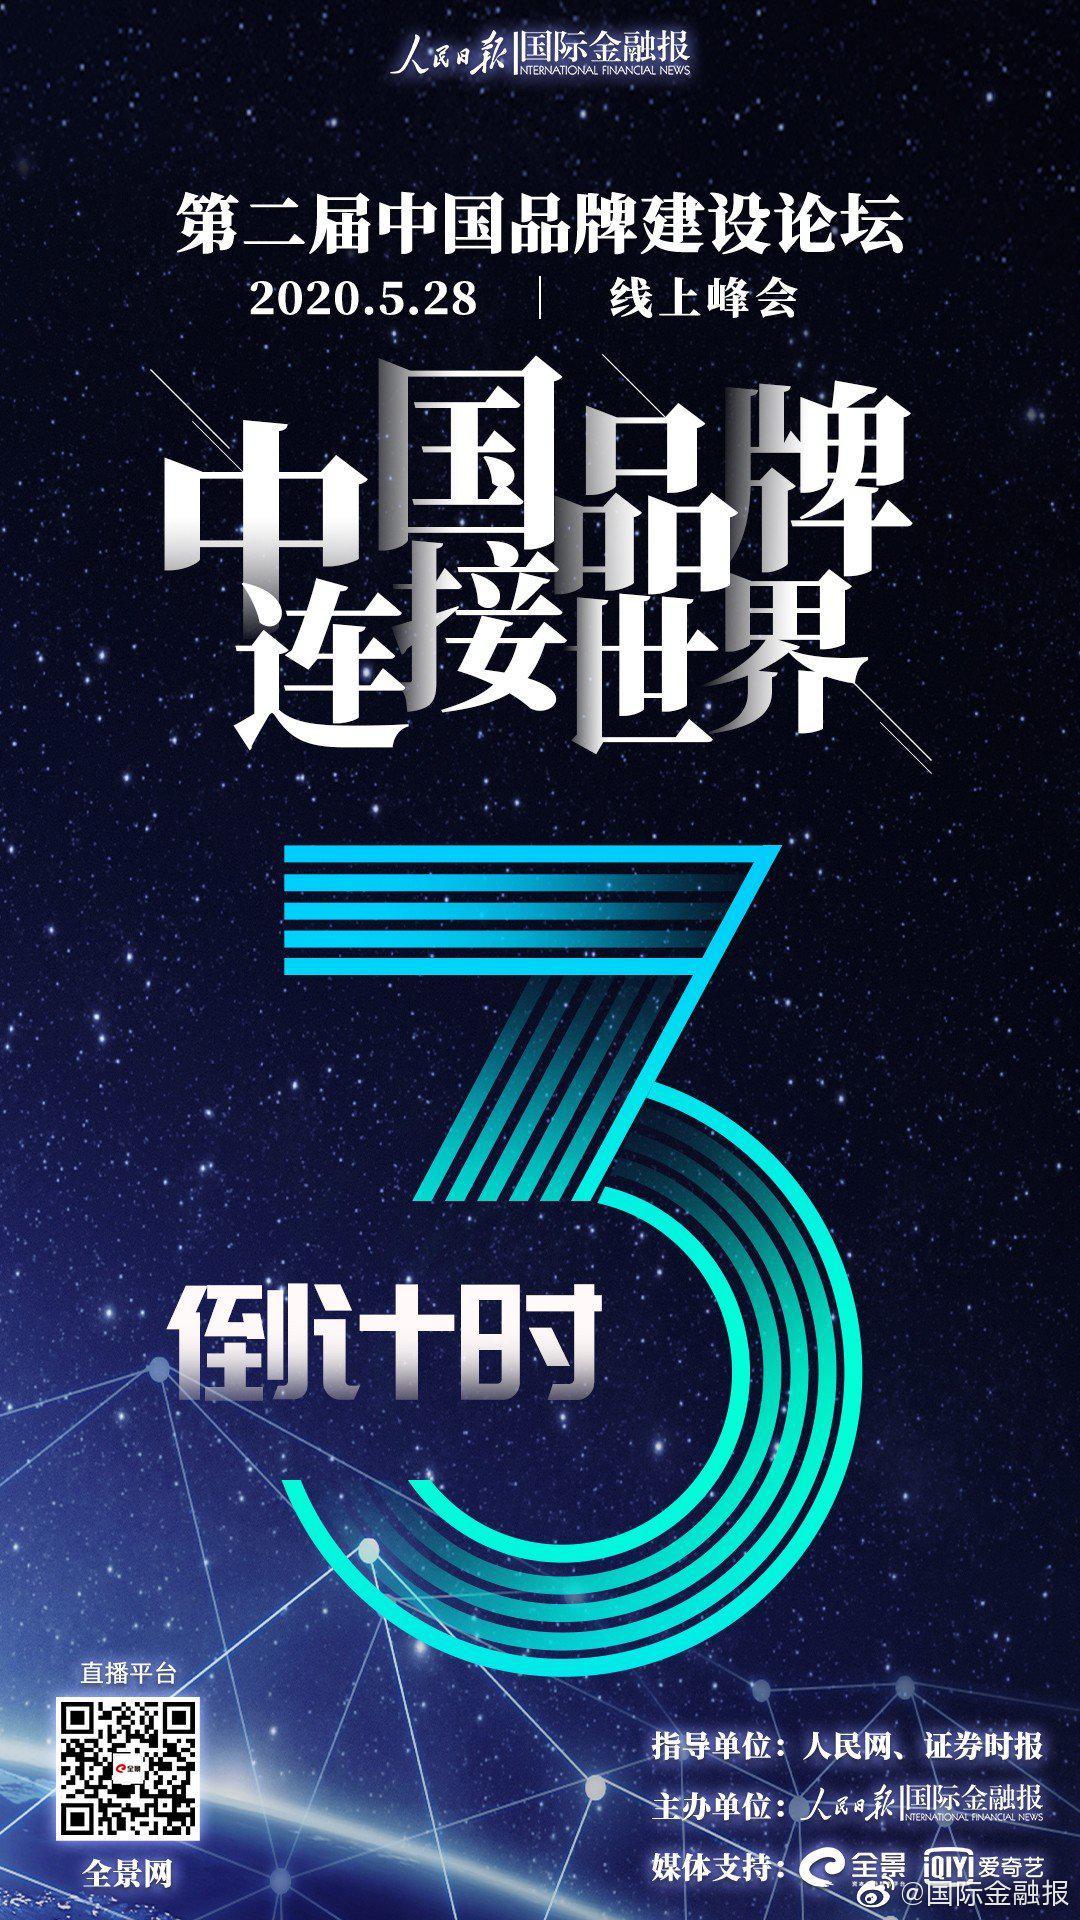 """""""第二届中国品牌建设论坛""""3天后将在线上盛大启幕"""